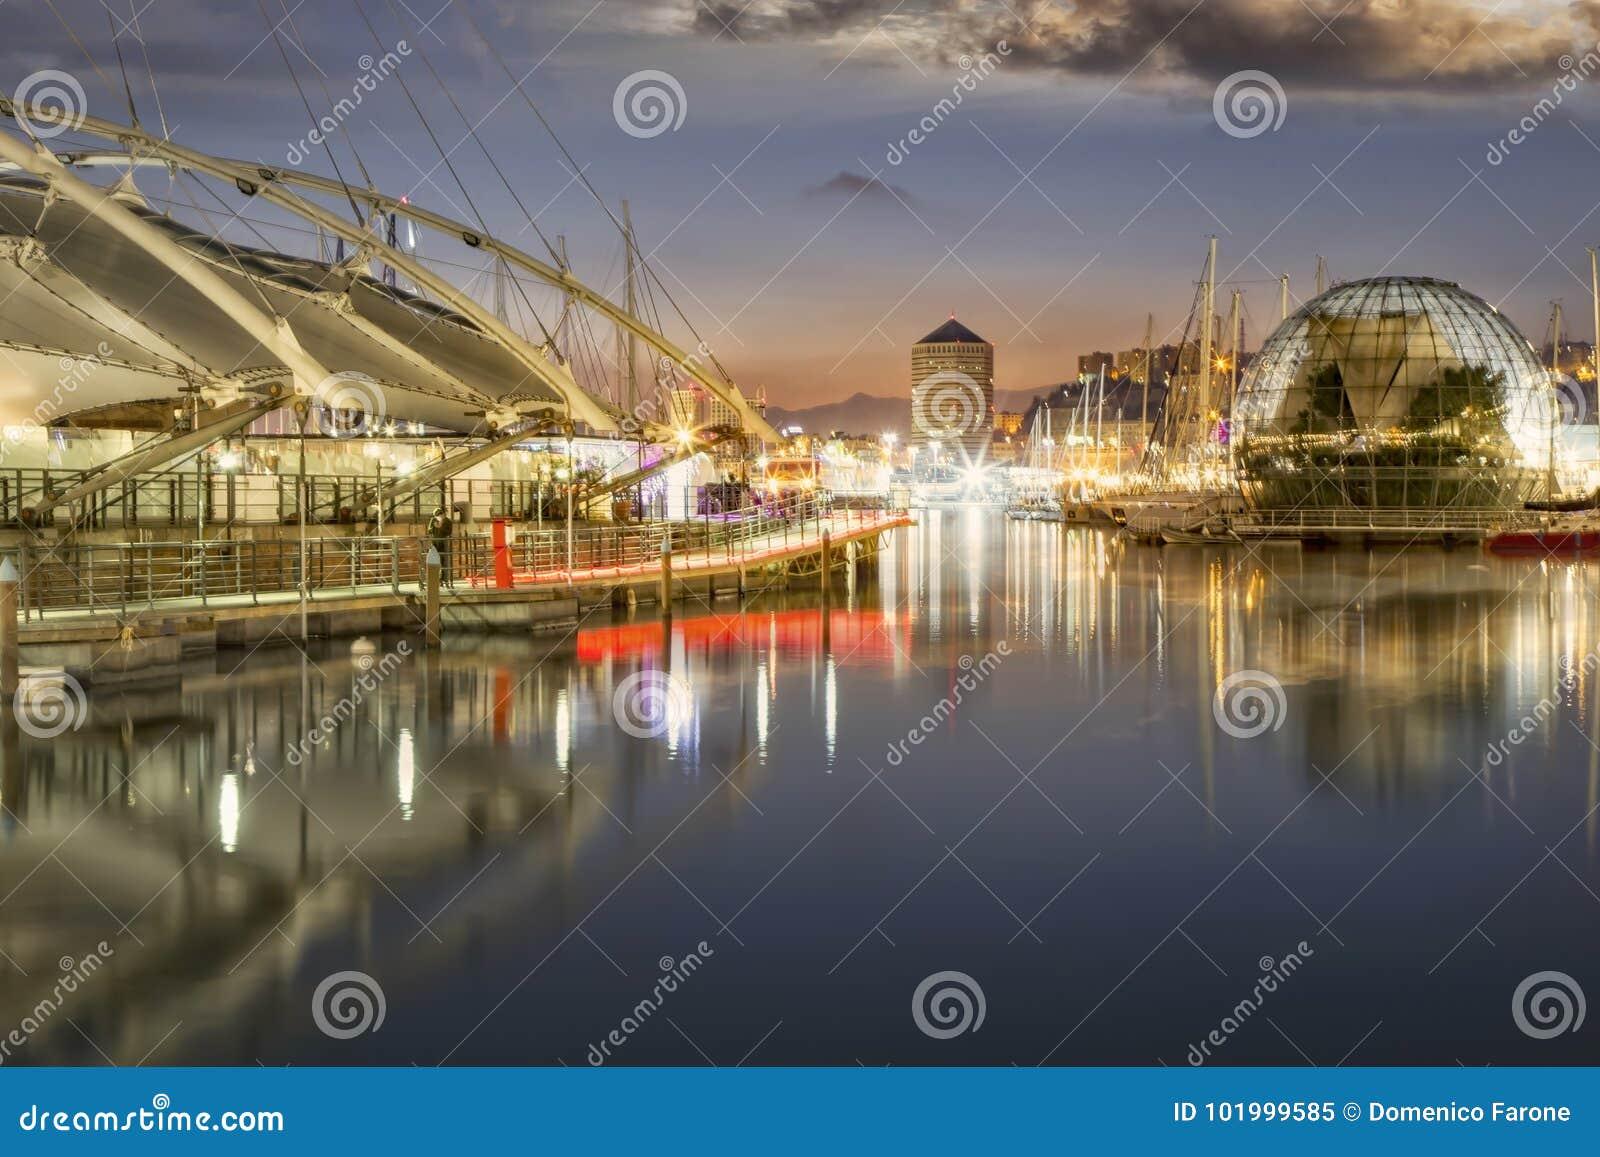 Reflexionen im alten Hafen Genua, Italien nachts